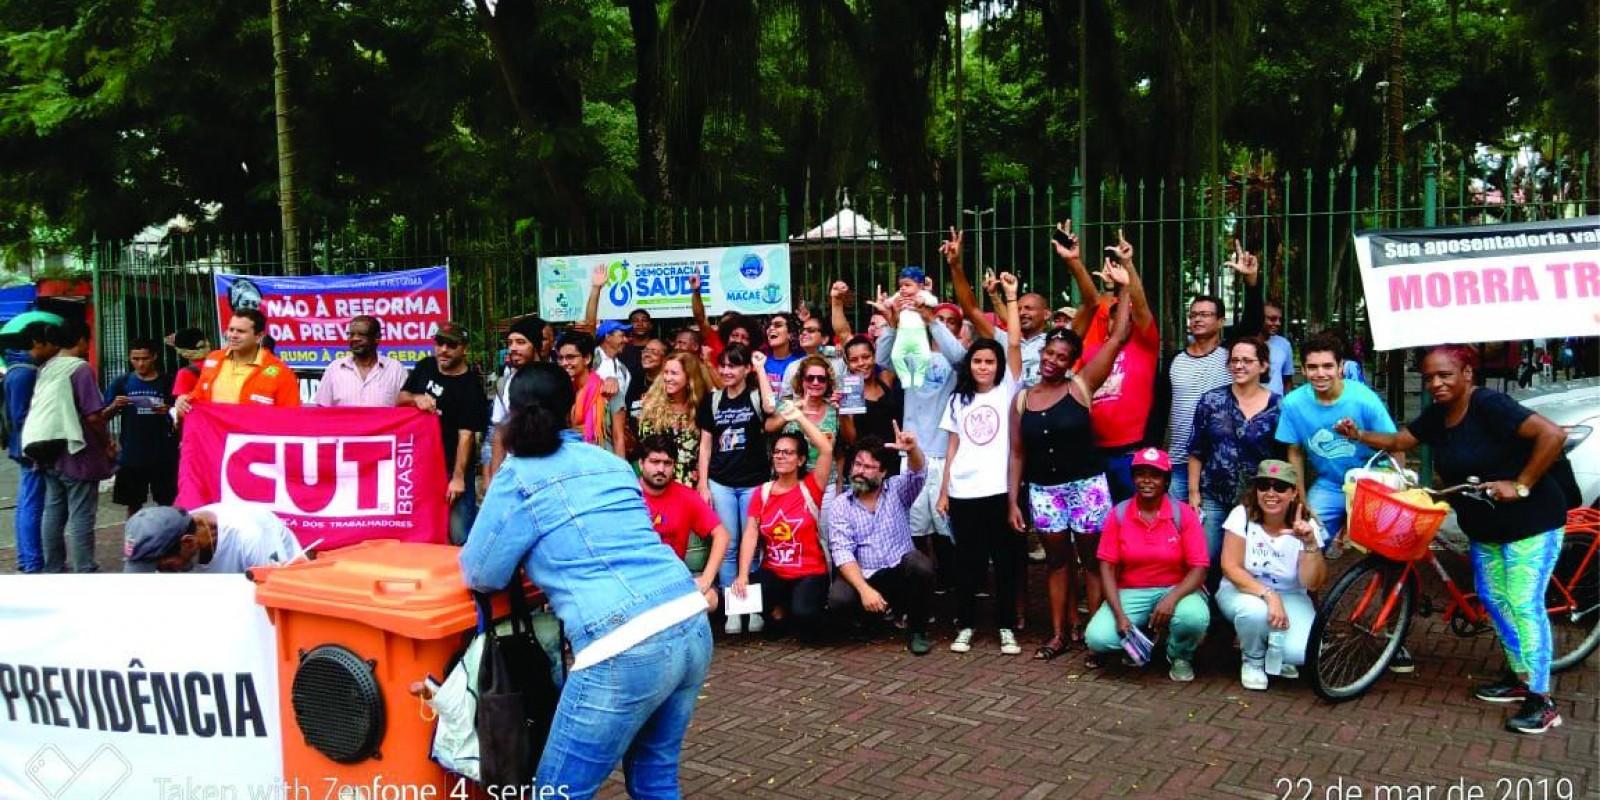 Dia de Luta contra a Reforma da Previdência